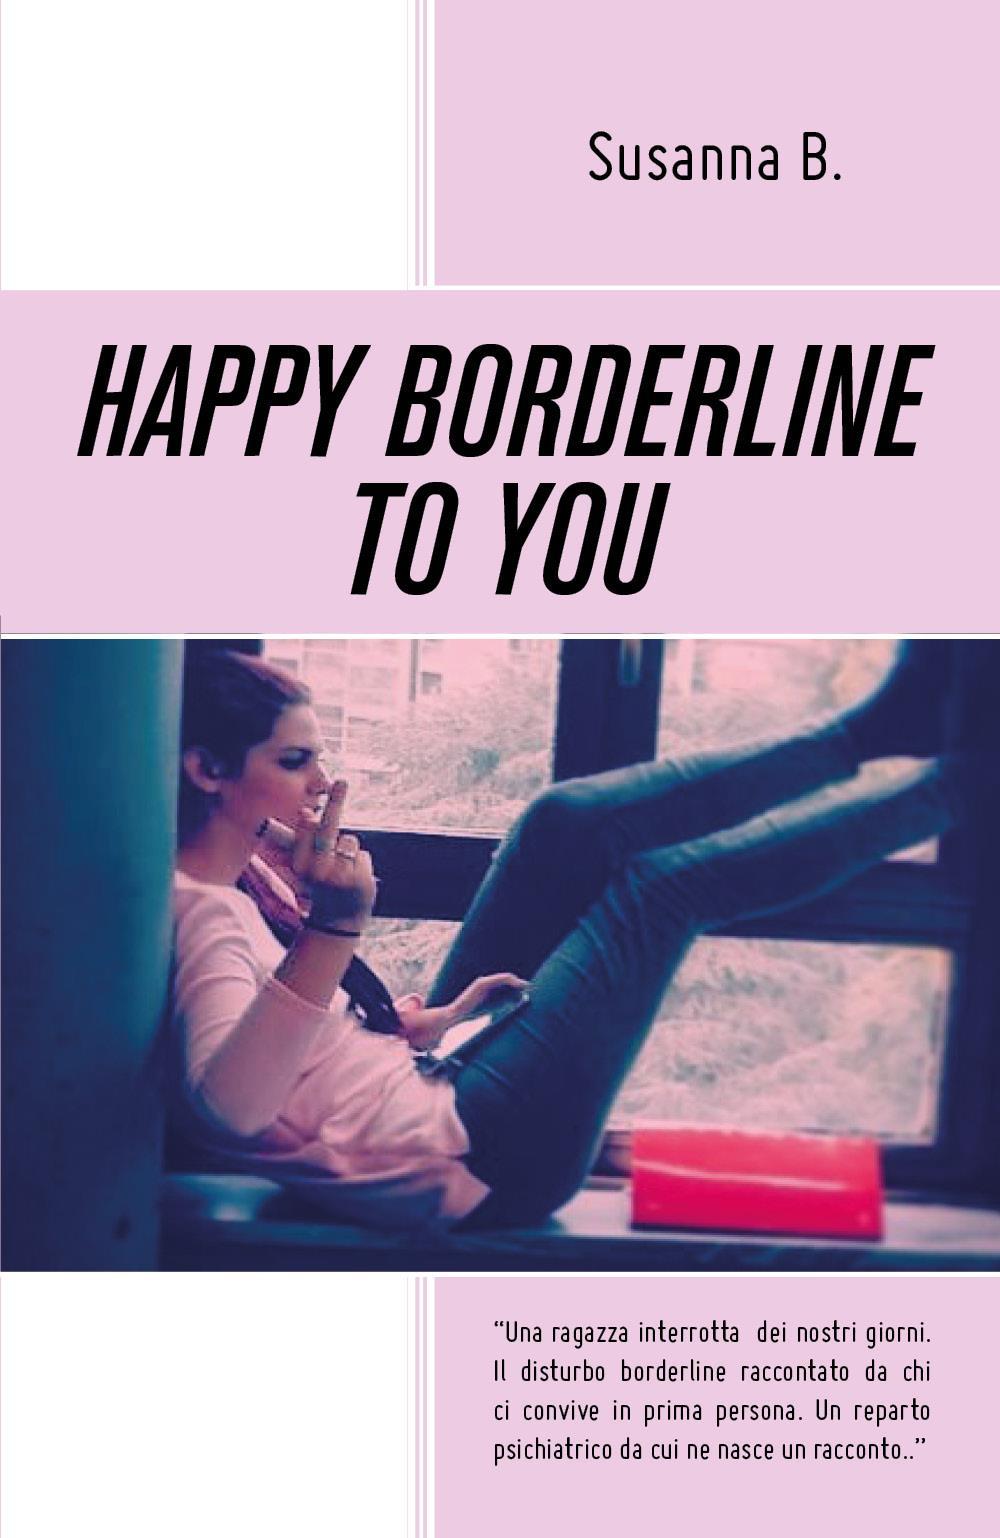 Happy borderline to you